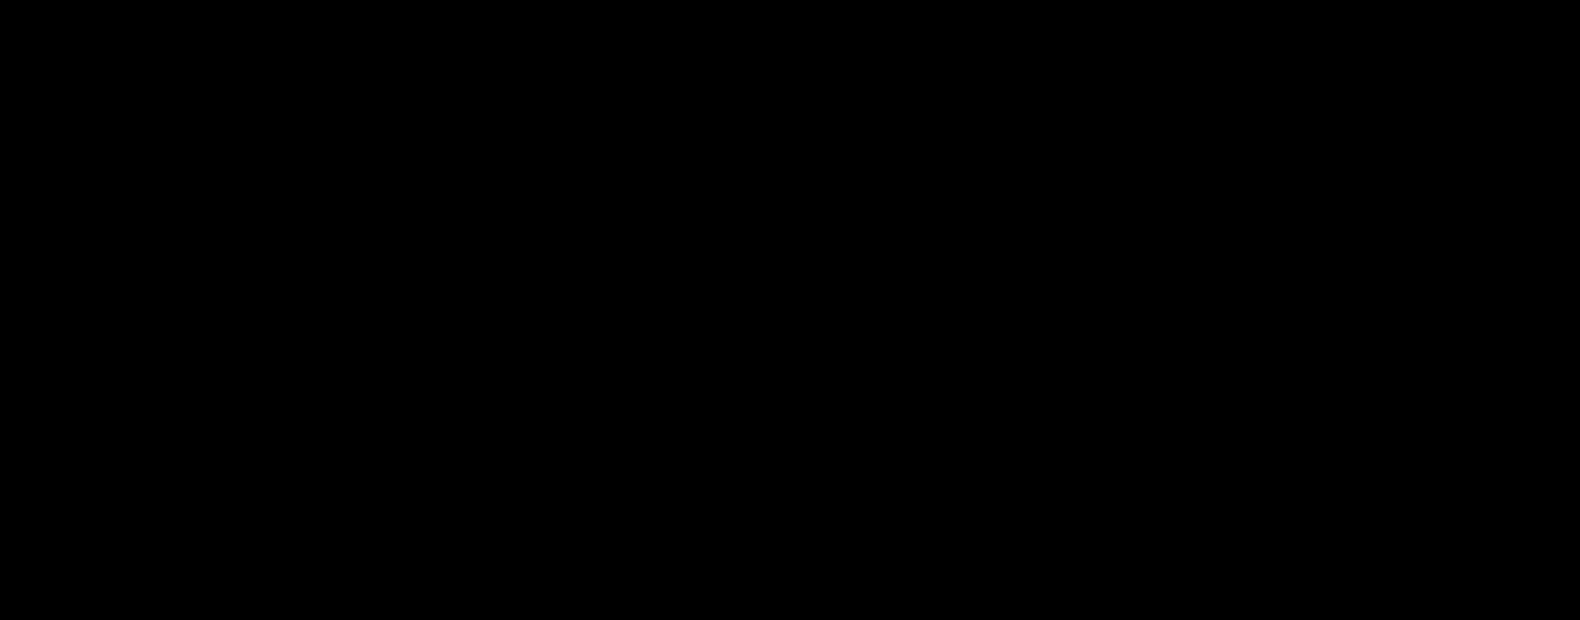 N-(4-((2-Amino-9H-purin-6-yloxy)methyl)benzyl)-2-chloroacetamide